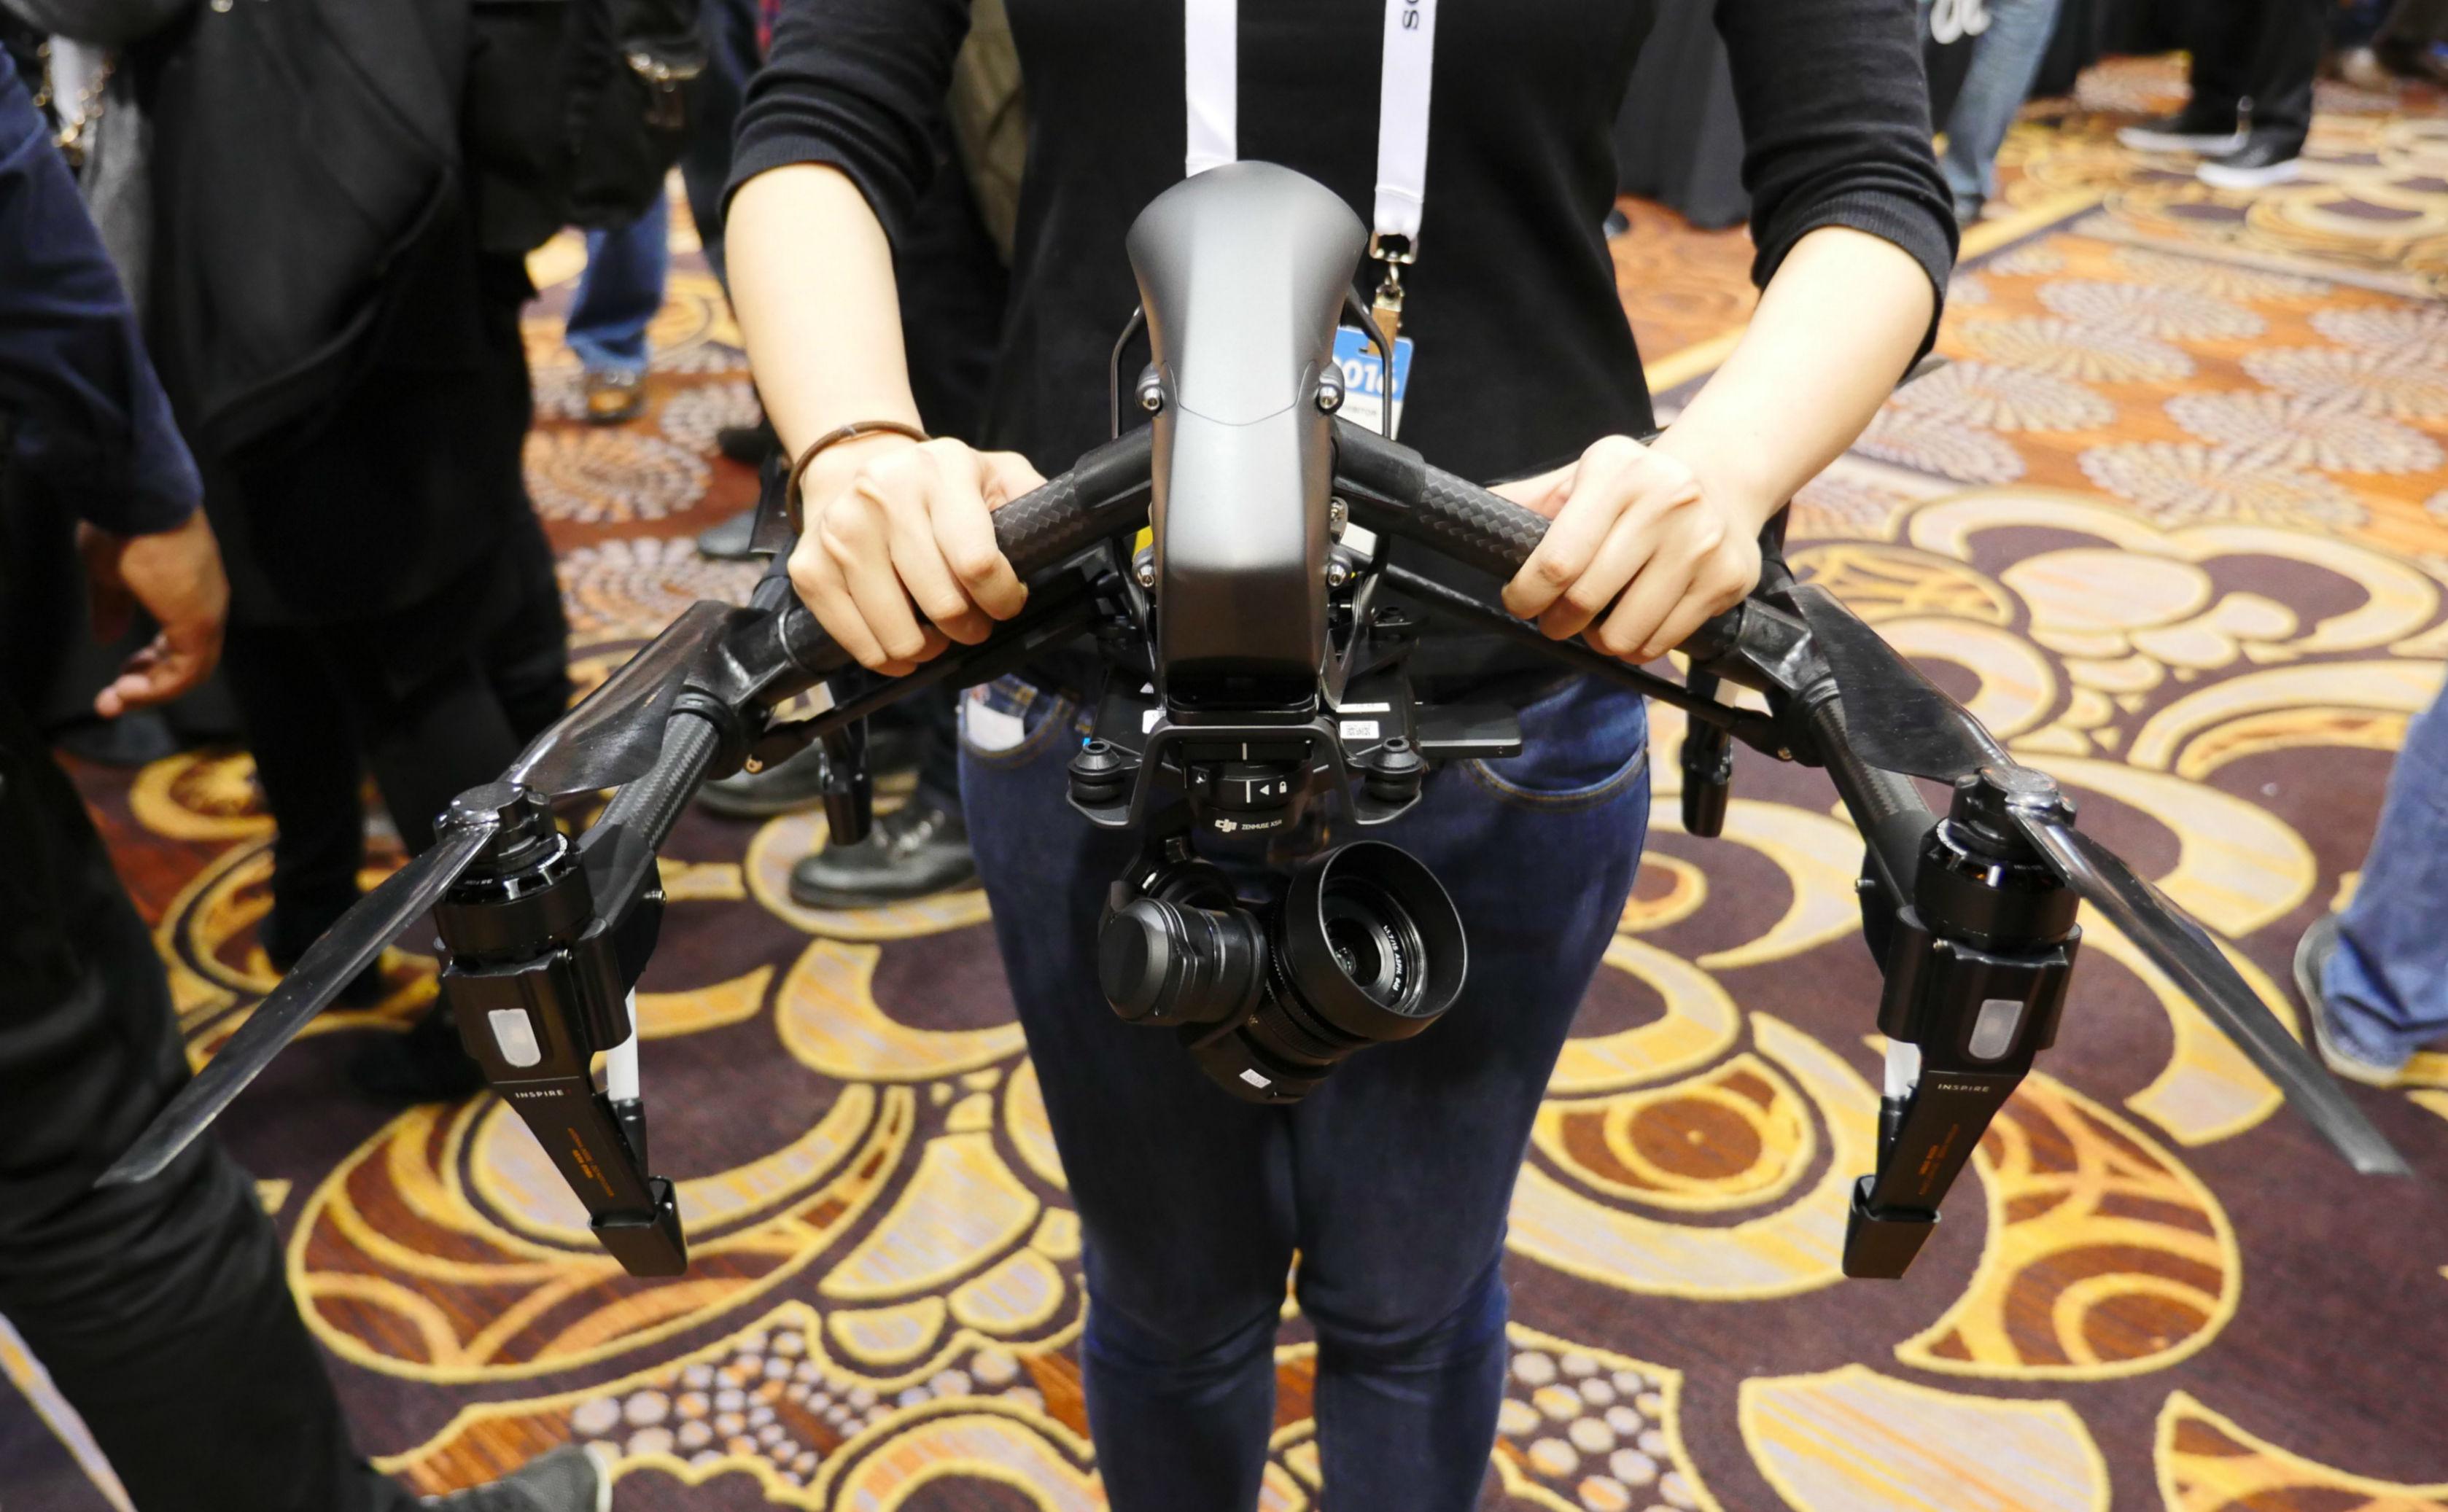 「换上黑色西装」,大疆的无人机变得更酷了